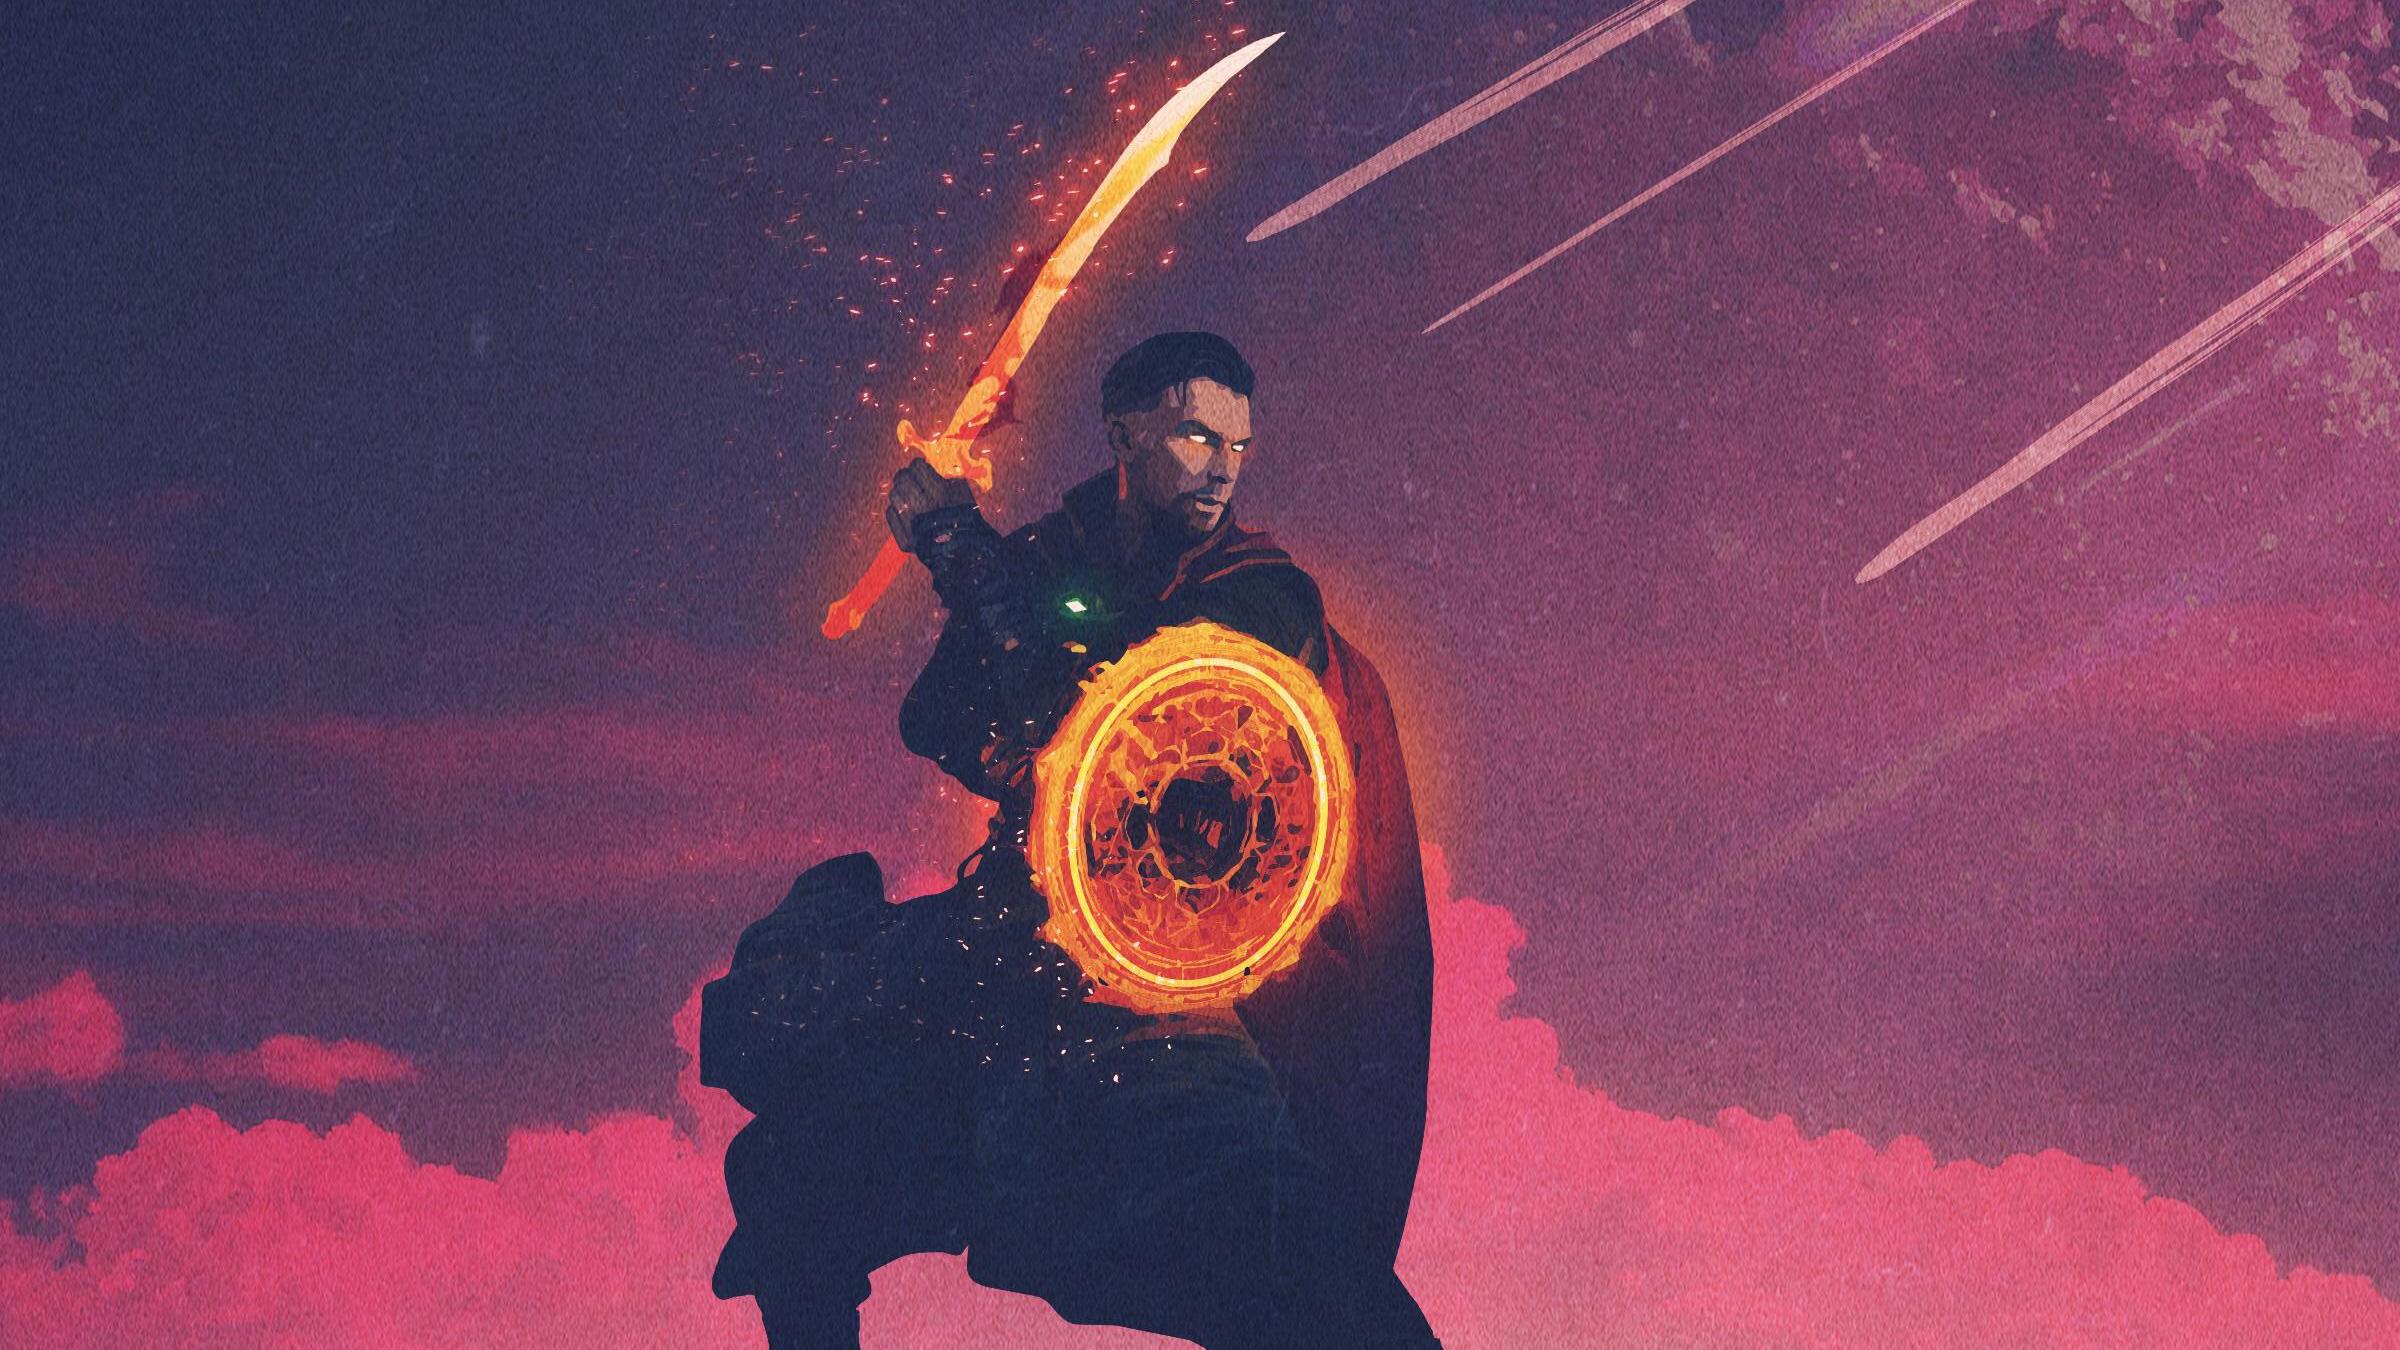 Doctor Strange Minimal Hd Superheroes 4k Wallpapers